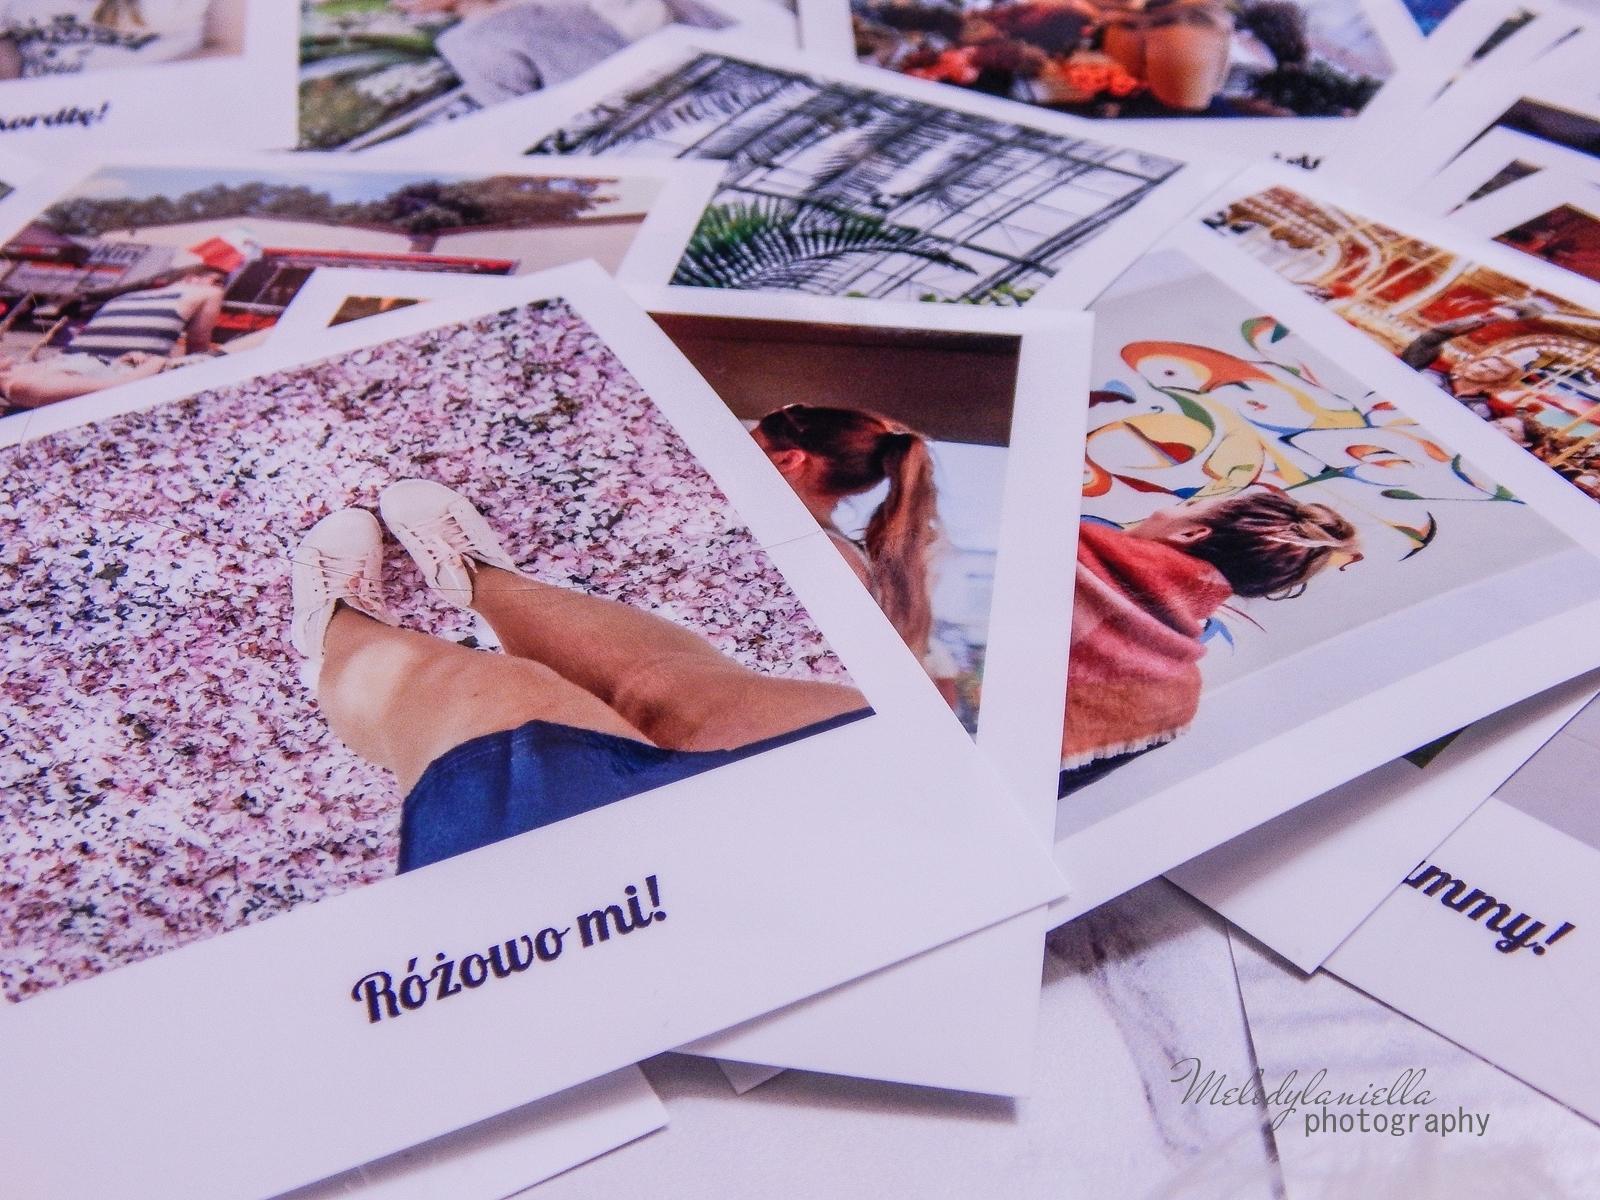 moonybook zdjęcia vintage tani wydruk zdjęć książeczki ze zdjęciami pocztówka z twoim zdjęciem magnesy ze zdjęciem zdjęcia kwadraty polaroid moonybook